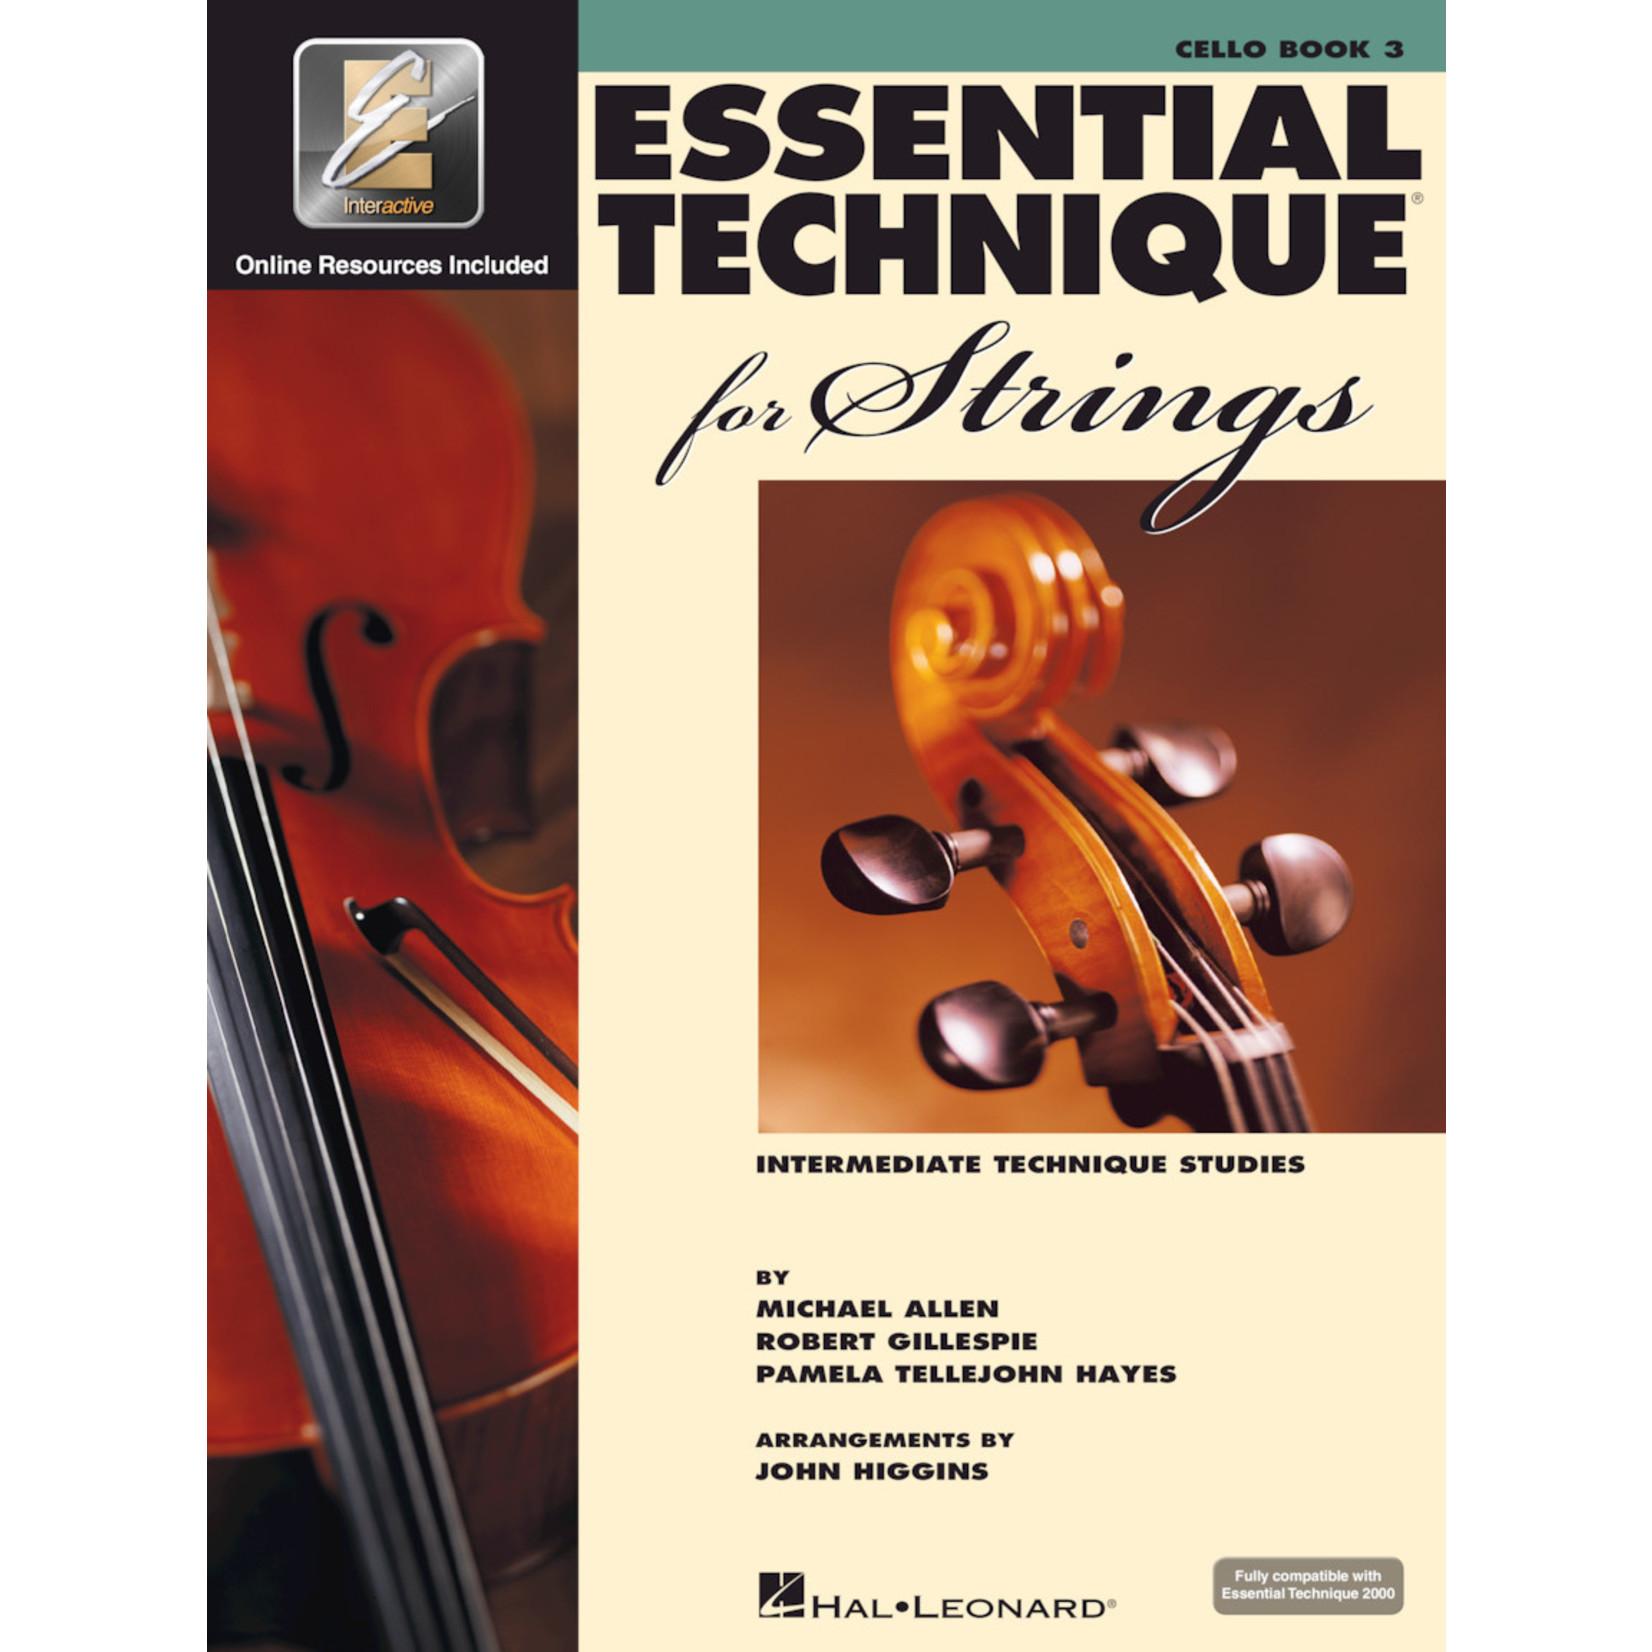 Hal Leonard Essential Technique for Strings Cello Book 3